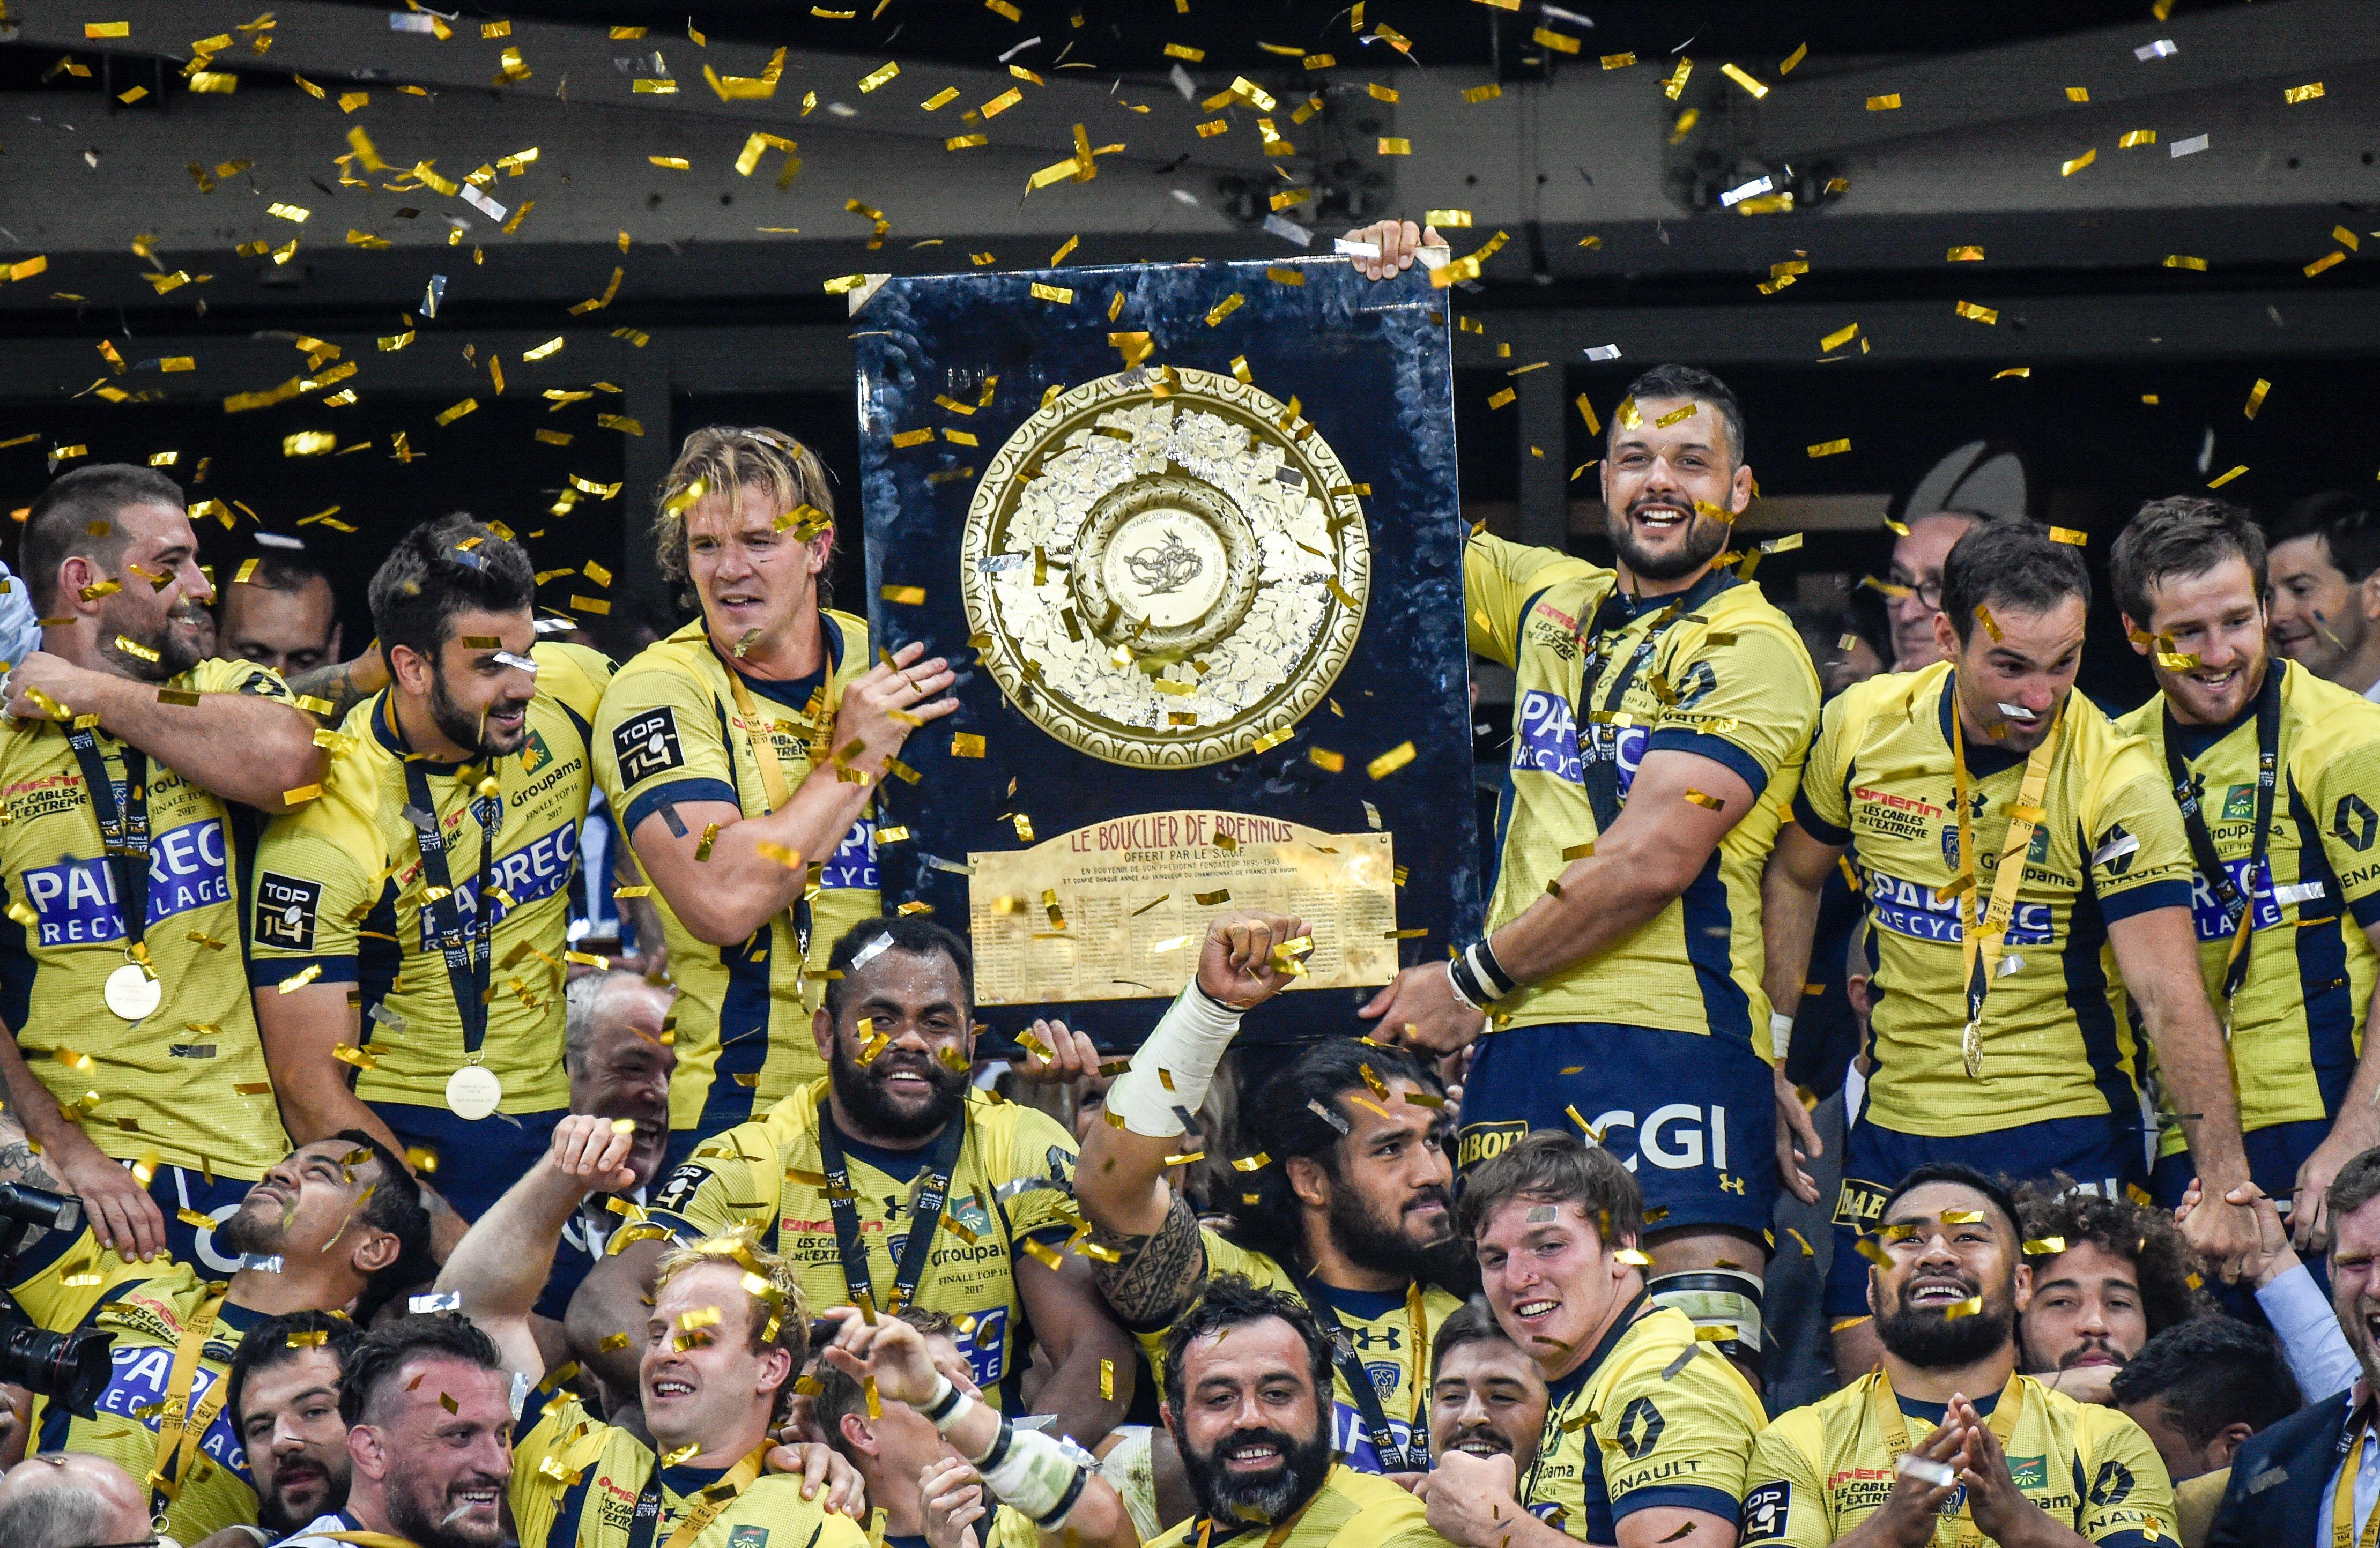 Top 14 : Les 8 matches à ne pas manquer cette saison - Top 14 - Rugby